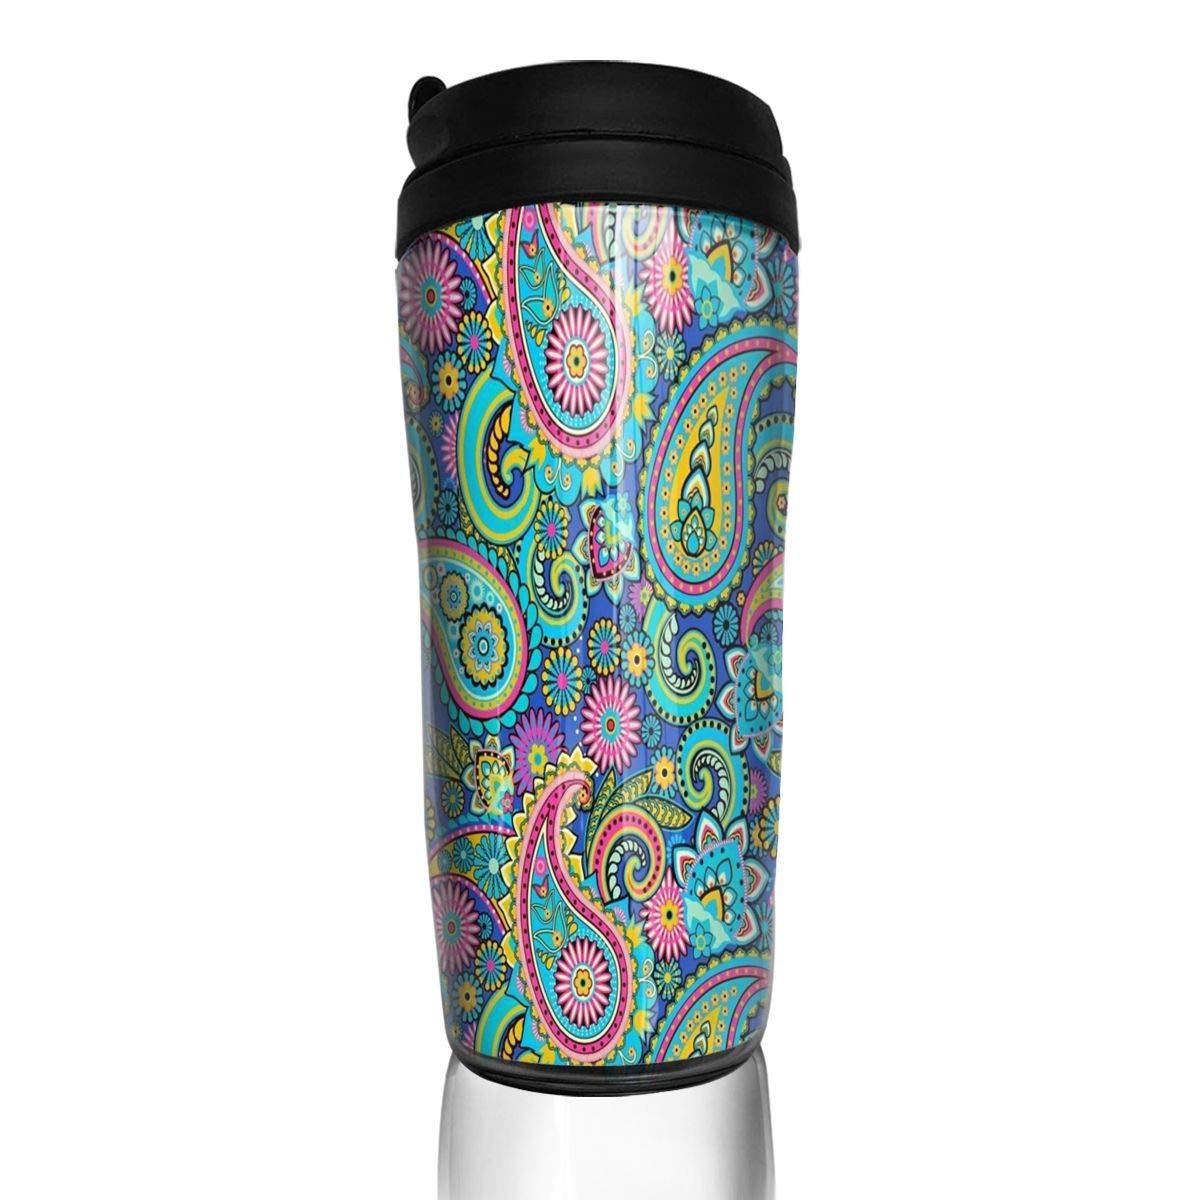 コーヒーカップ パープル パイレーツ スカル トラベル タンブラー 断熱 漏れ防止 ドリンクコンテナ ホルダー トレンディ 12オンス 6.7 x 3 x 2 inch chu-#MYDY95v3Wn4YL 6.7 x 3 x 2 inch カラー3 B07HSR3GG2